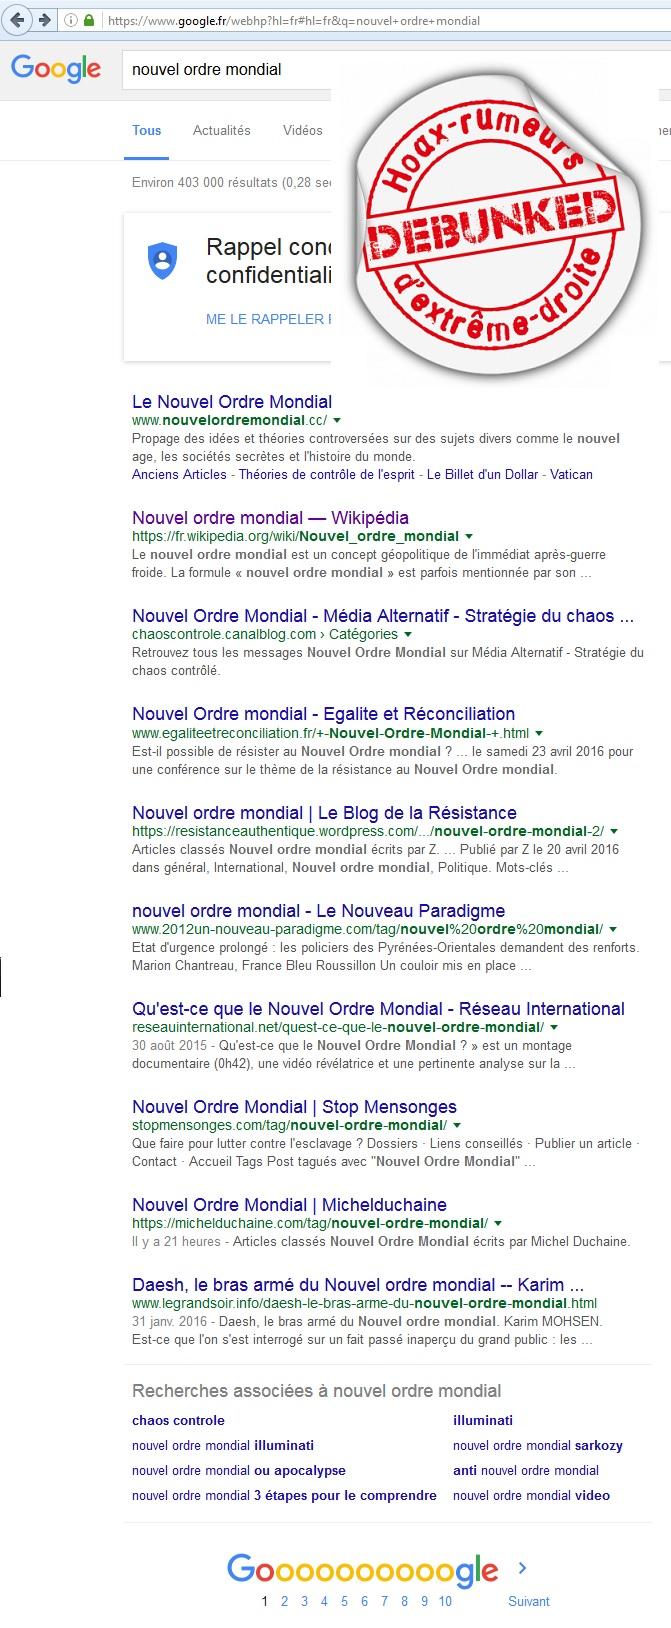 google illuminatis.jpg